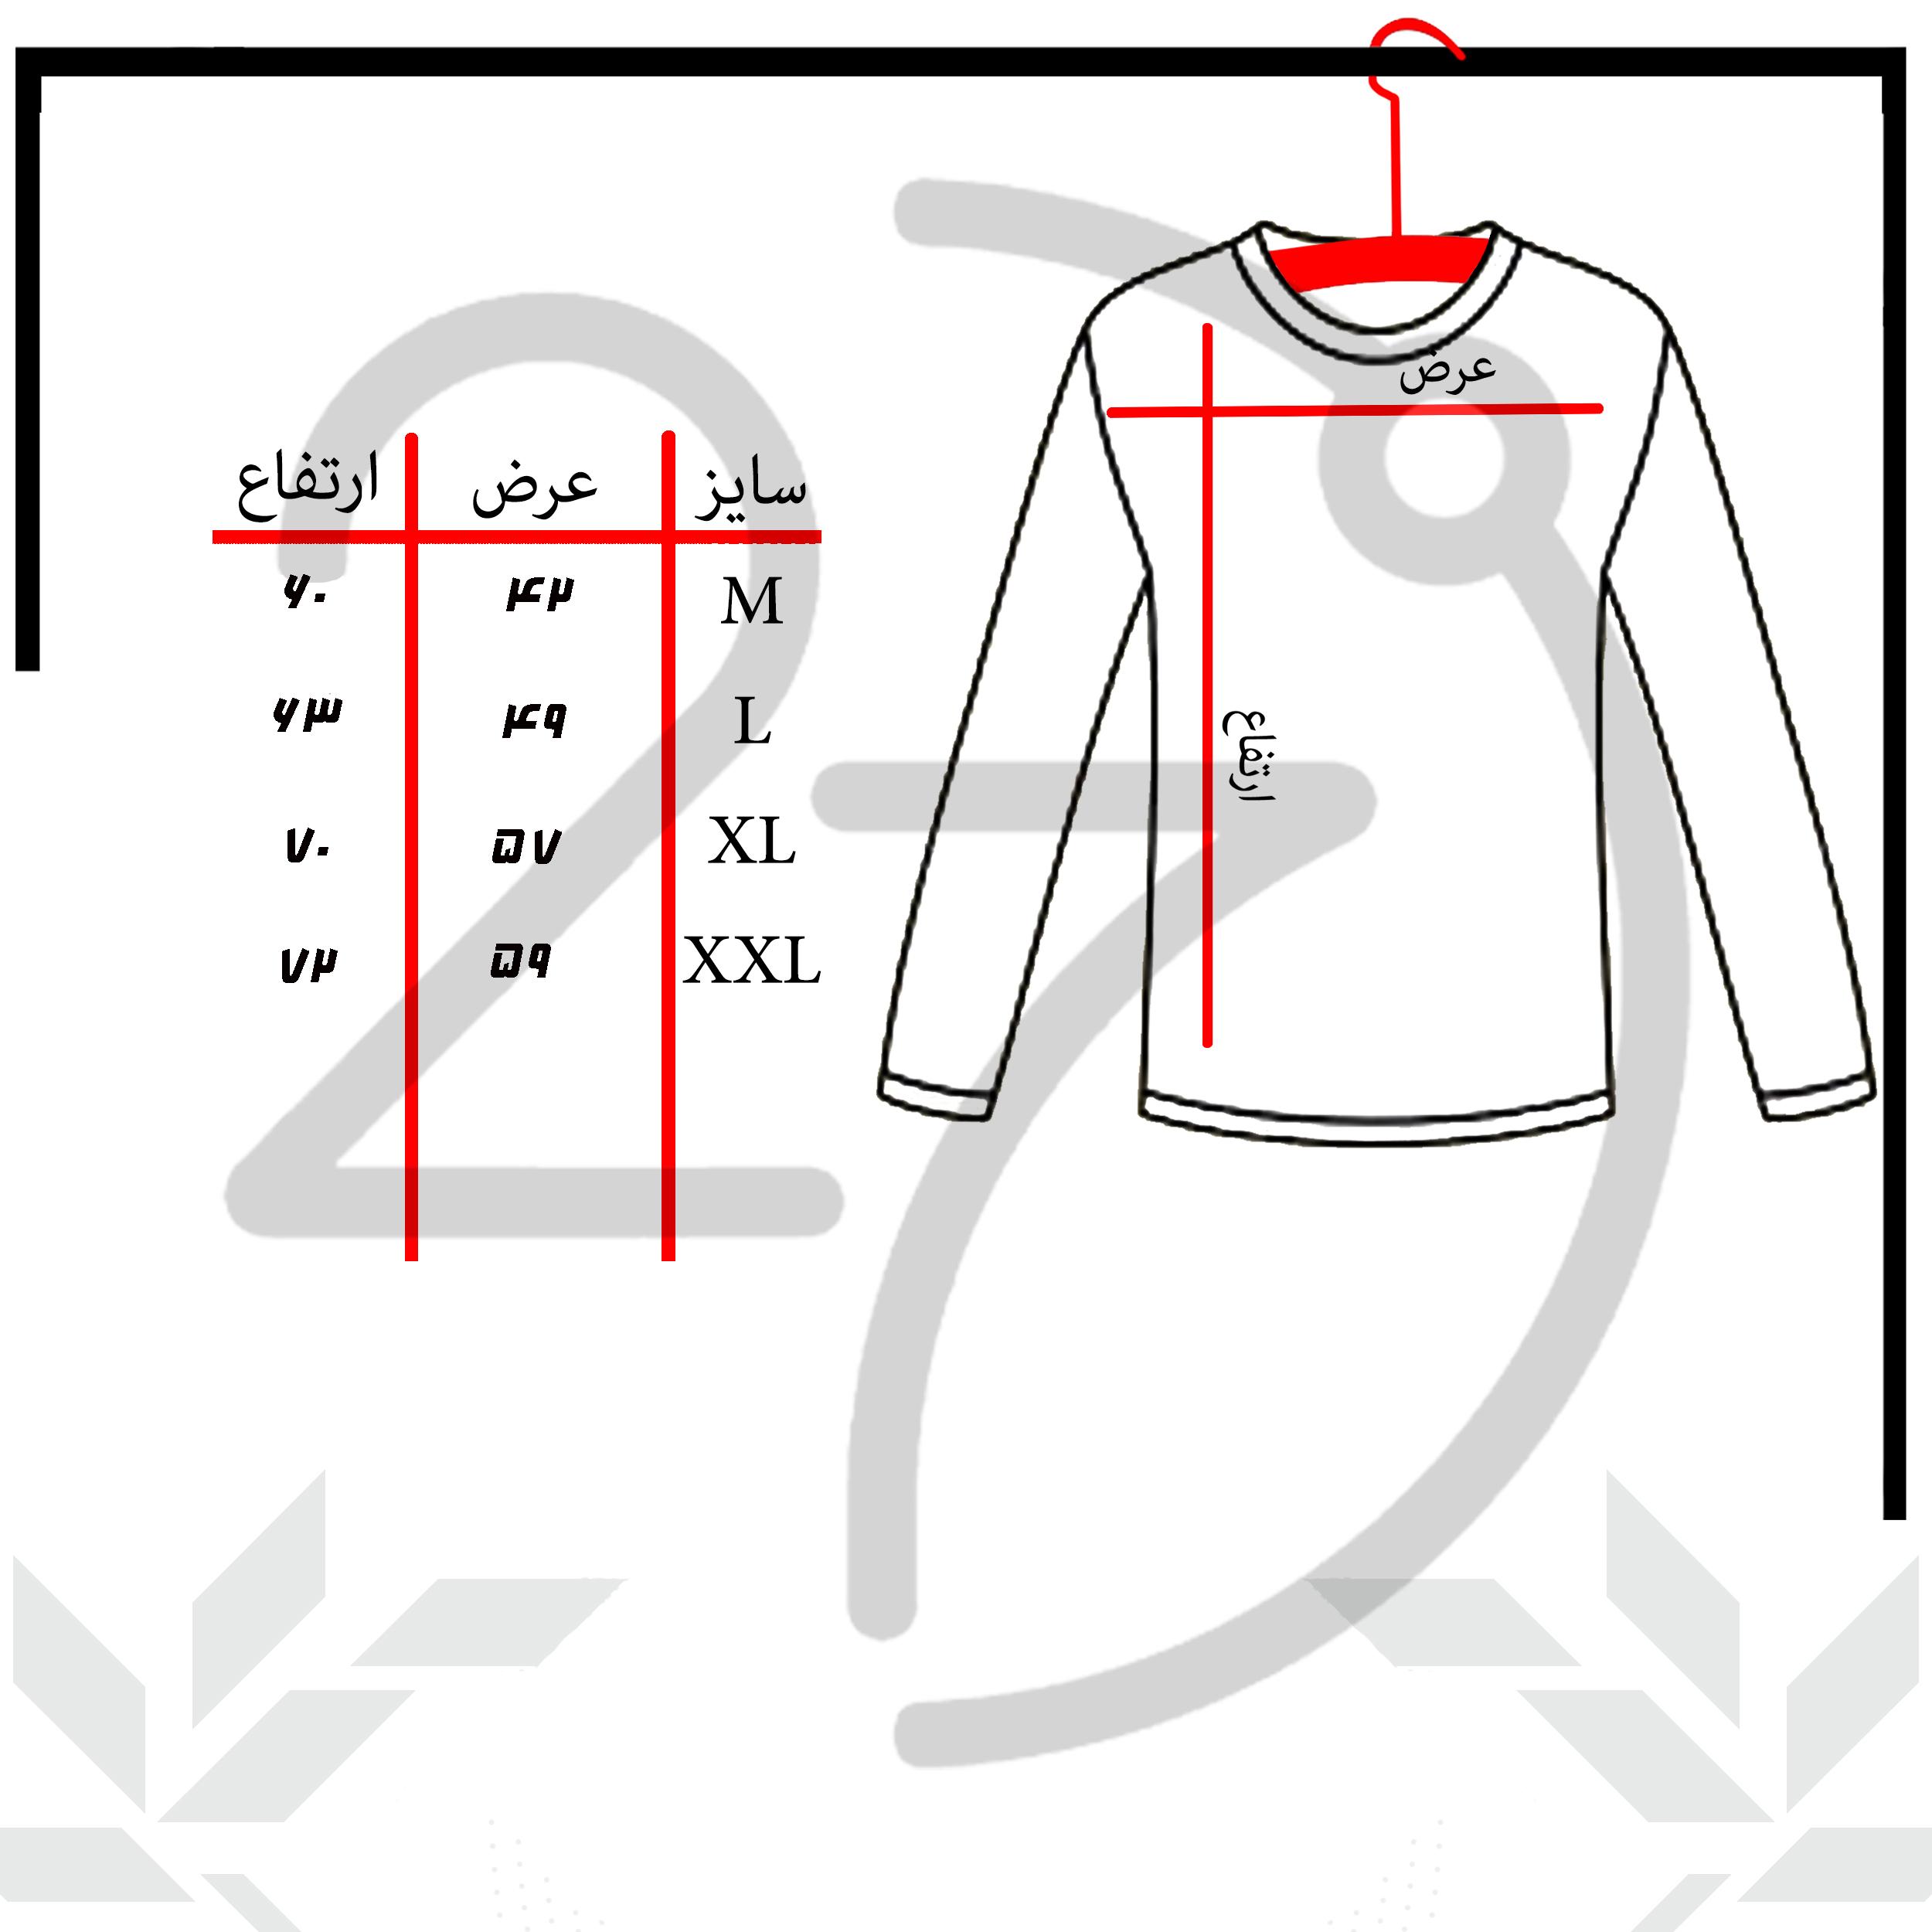 تی شرت آستین بلند زنانه 27 مدل پاندا کد B116